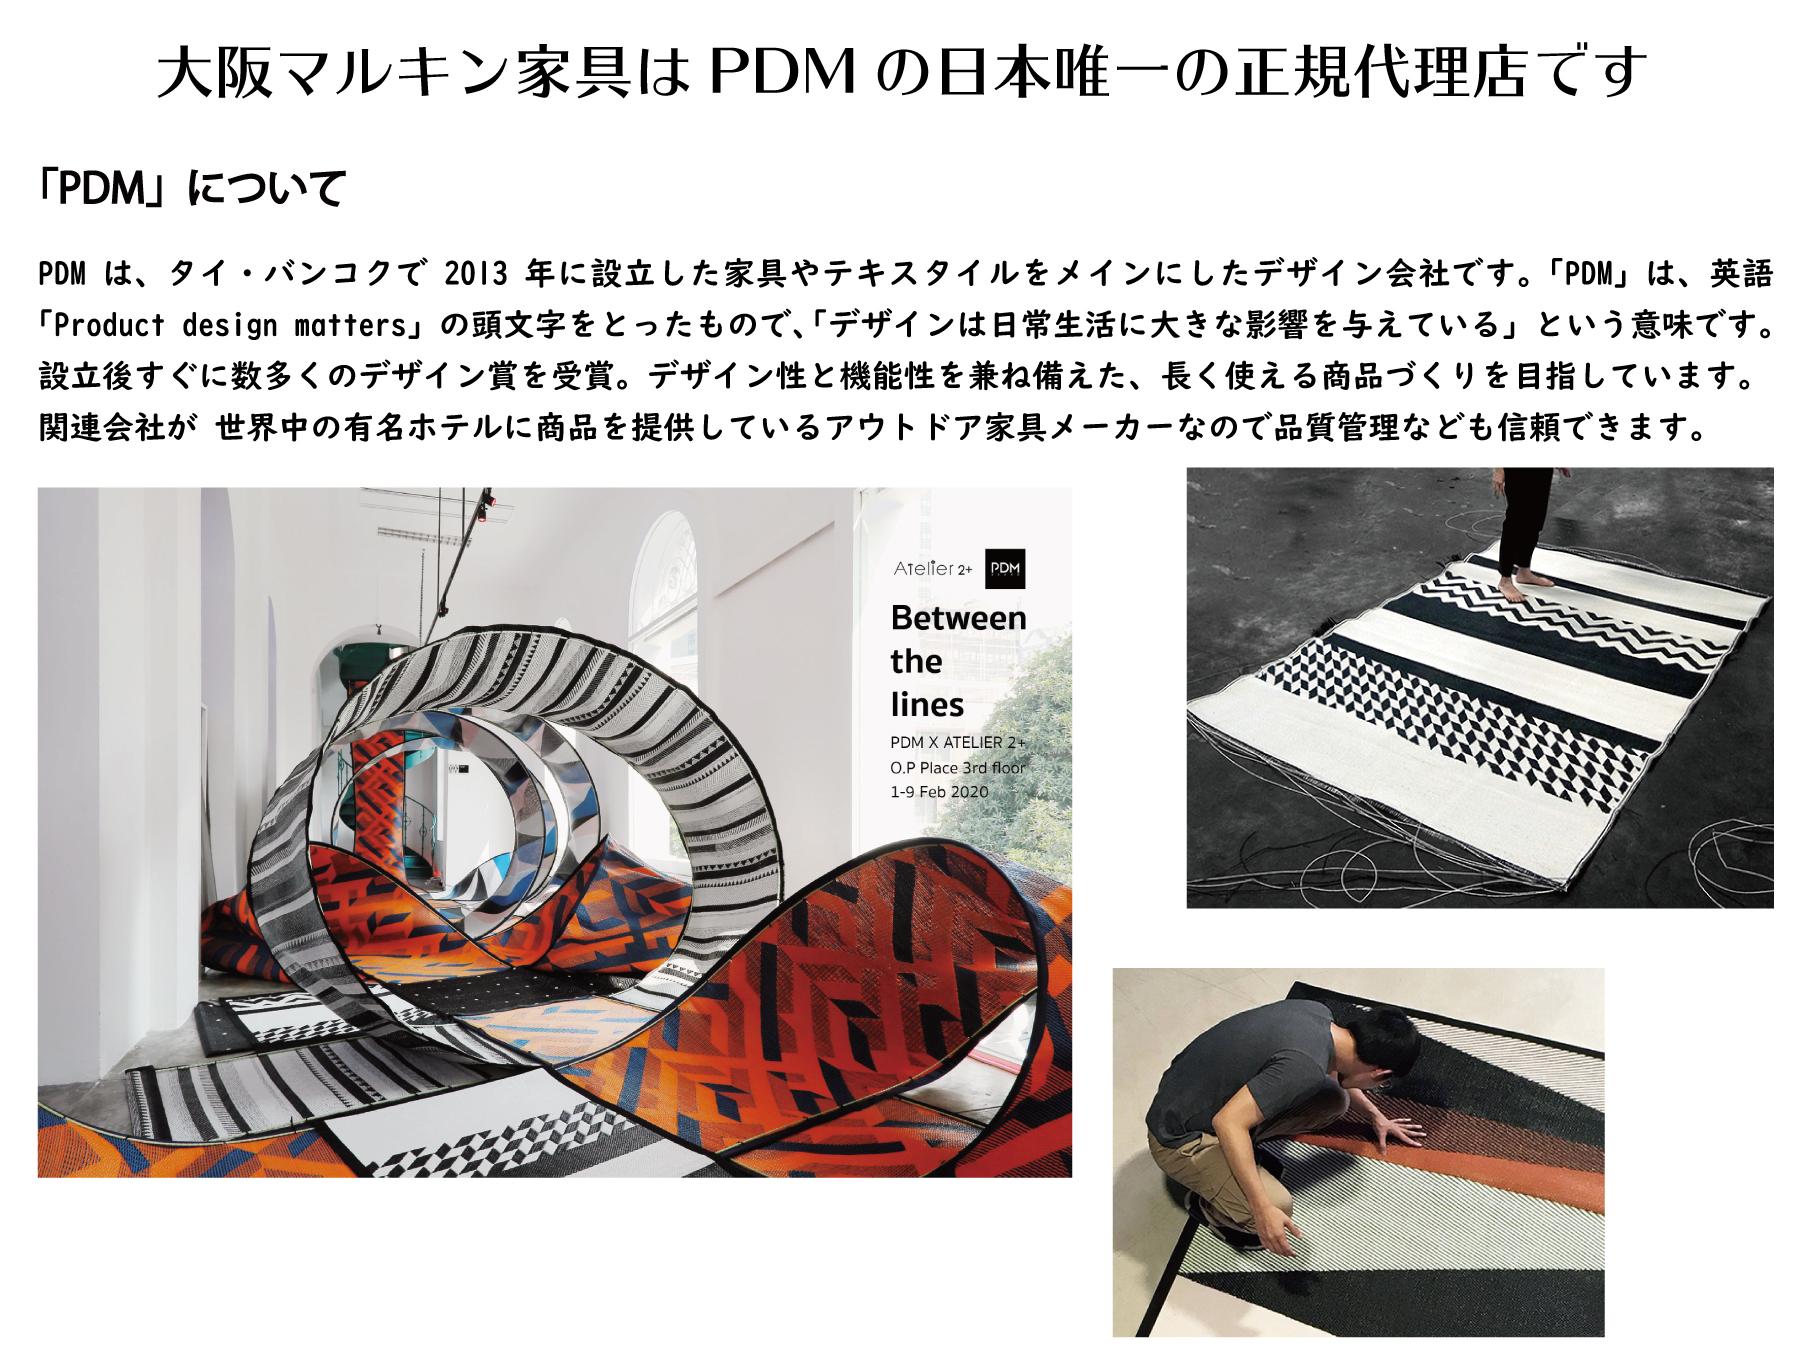 PDMは、タイ・バンコクで2013年に設立した家具やテキスタイルをメインにしたデザイン会社です。「PDM」は、英語「Product design matters」の頭文字をとったもので、「デザインは日常生活に大きな影響を与えている」という意味です。設立後すぐに数多くのデザイン賞を受賞。デザイン性と機能性を兼ね備えた、長く使える商品づくりを目指しています。 関連会社が 世界中の有名ホテルに商品を提供しているアウトドア家具メーカーなので品質管理なども信頼できます。